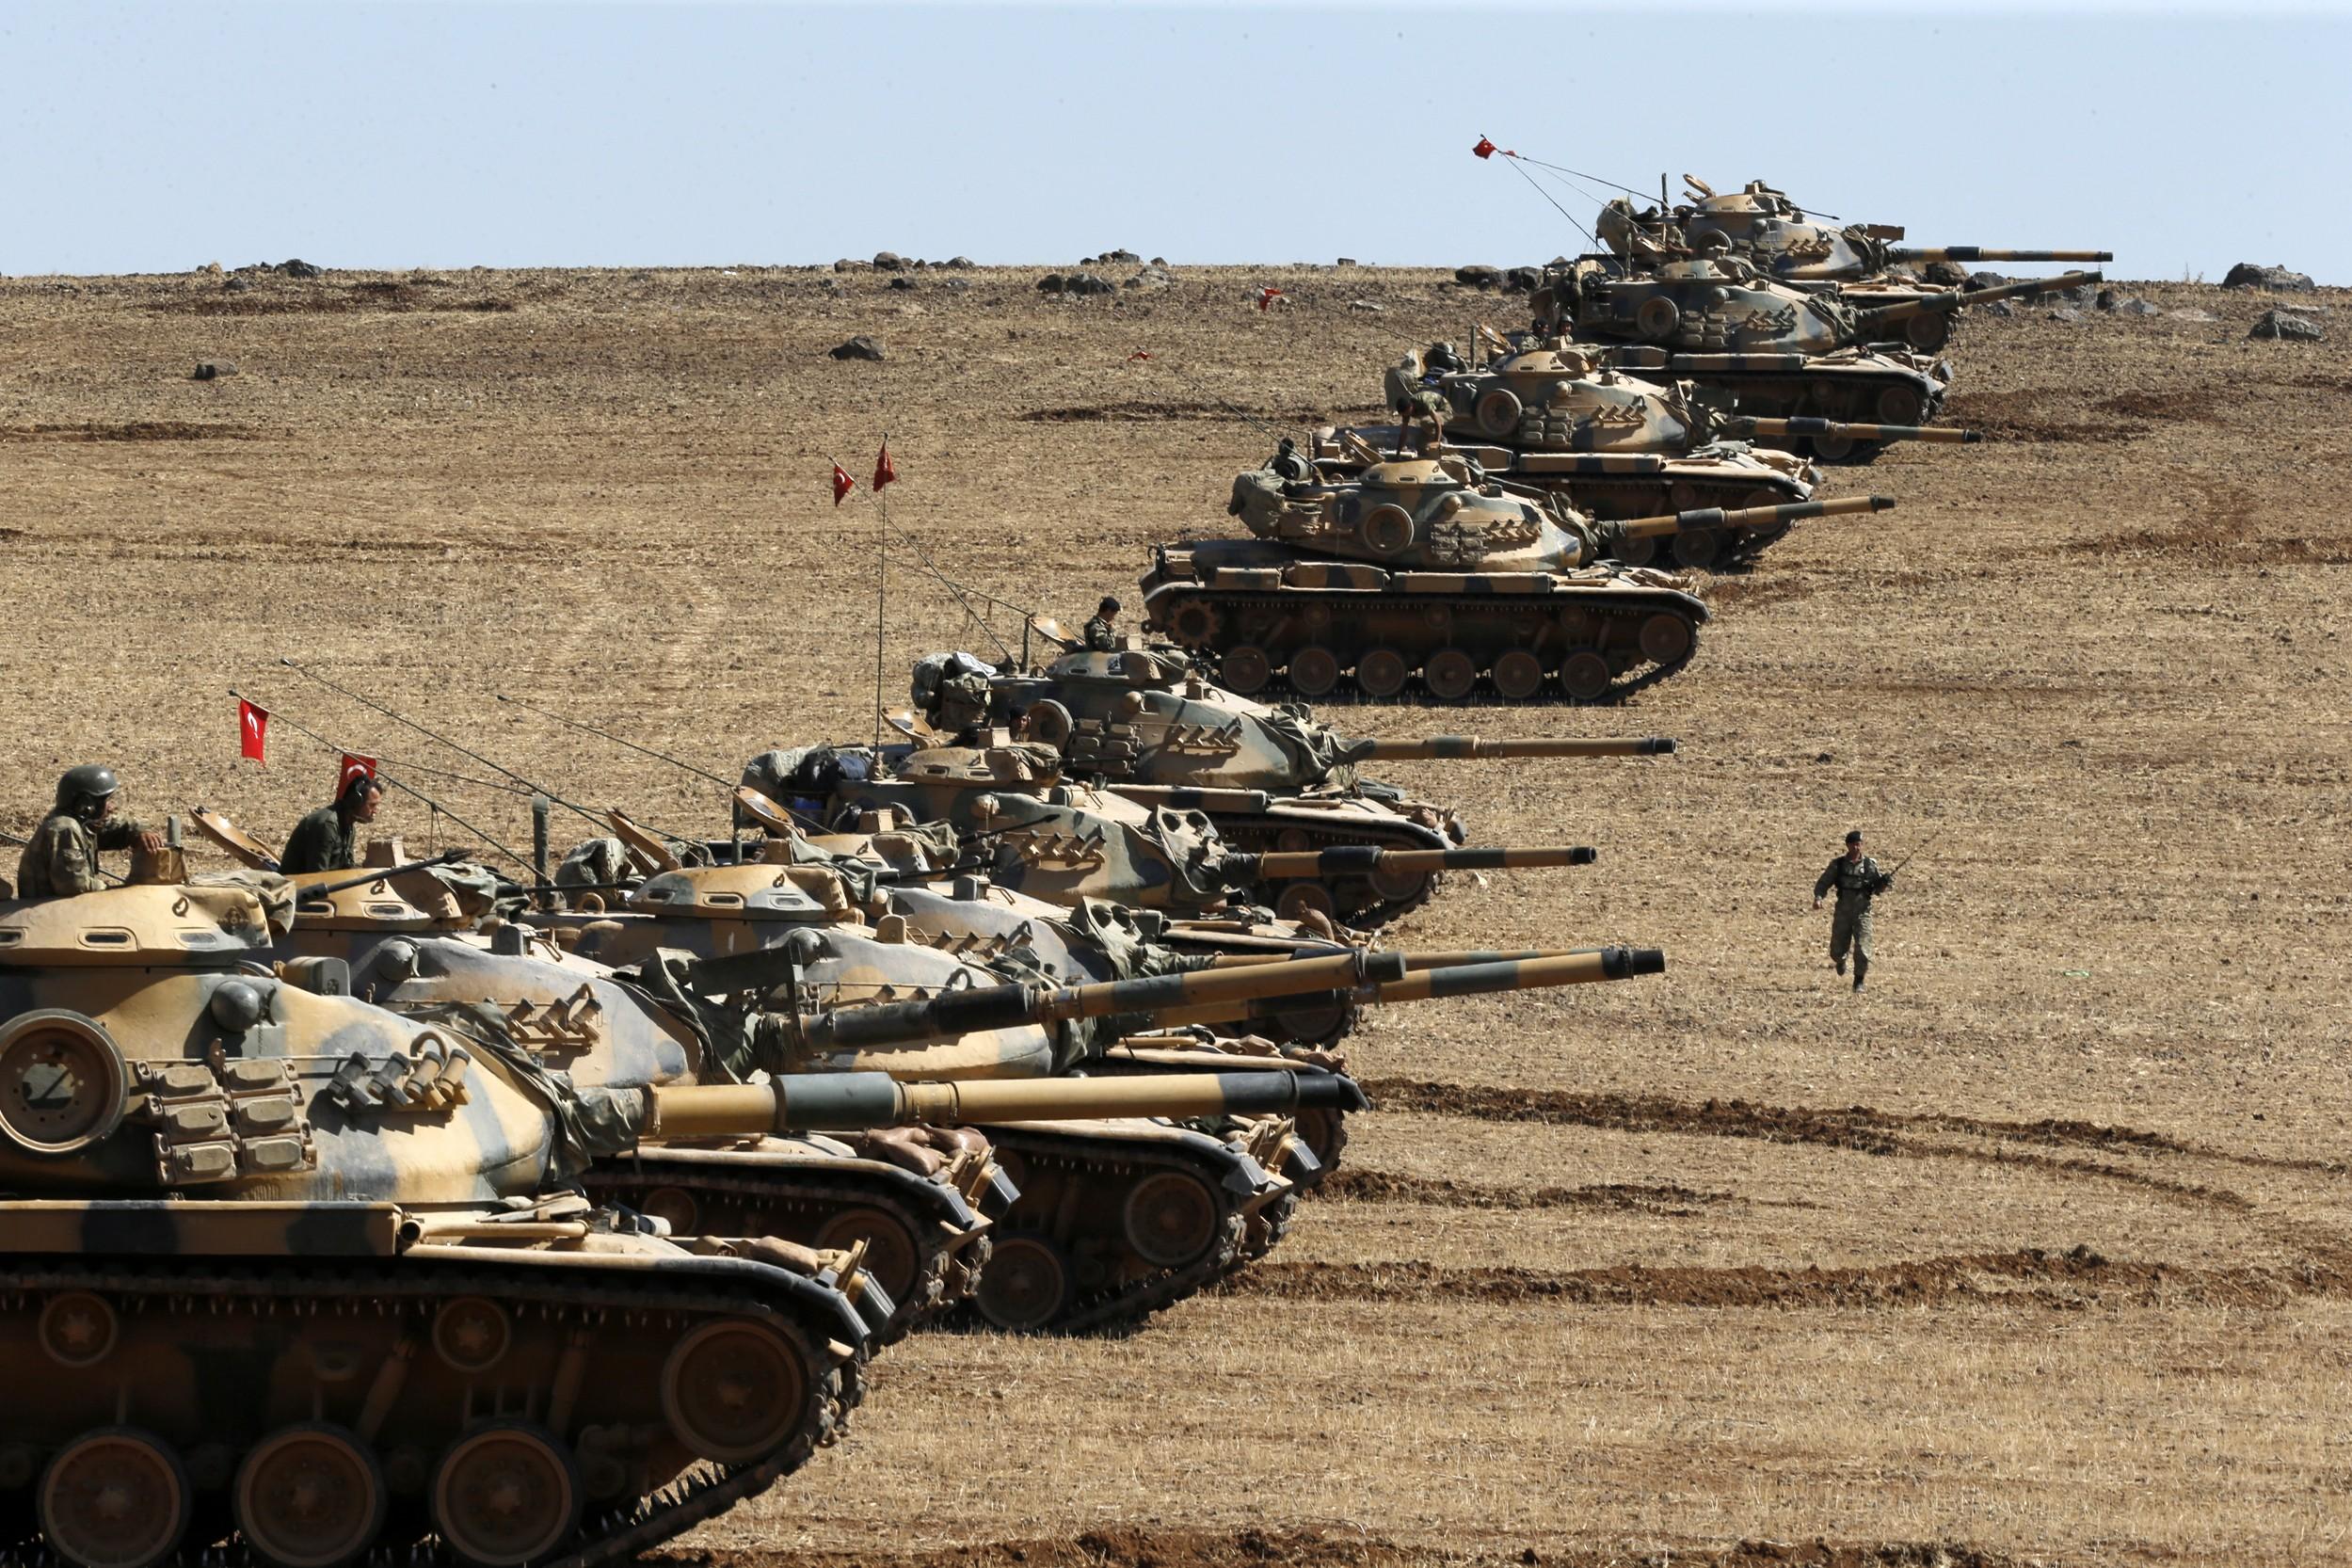 Правительство Ирака не подтвердило вывод турецких войск из страны